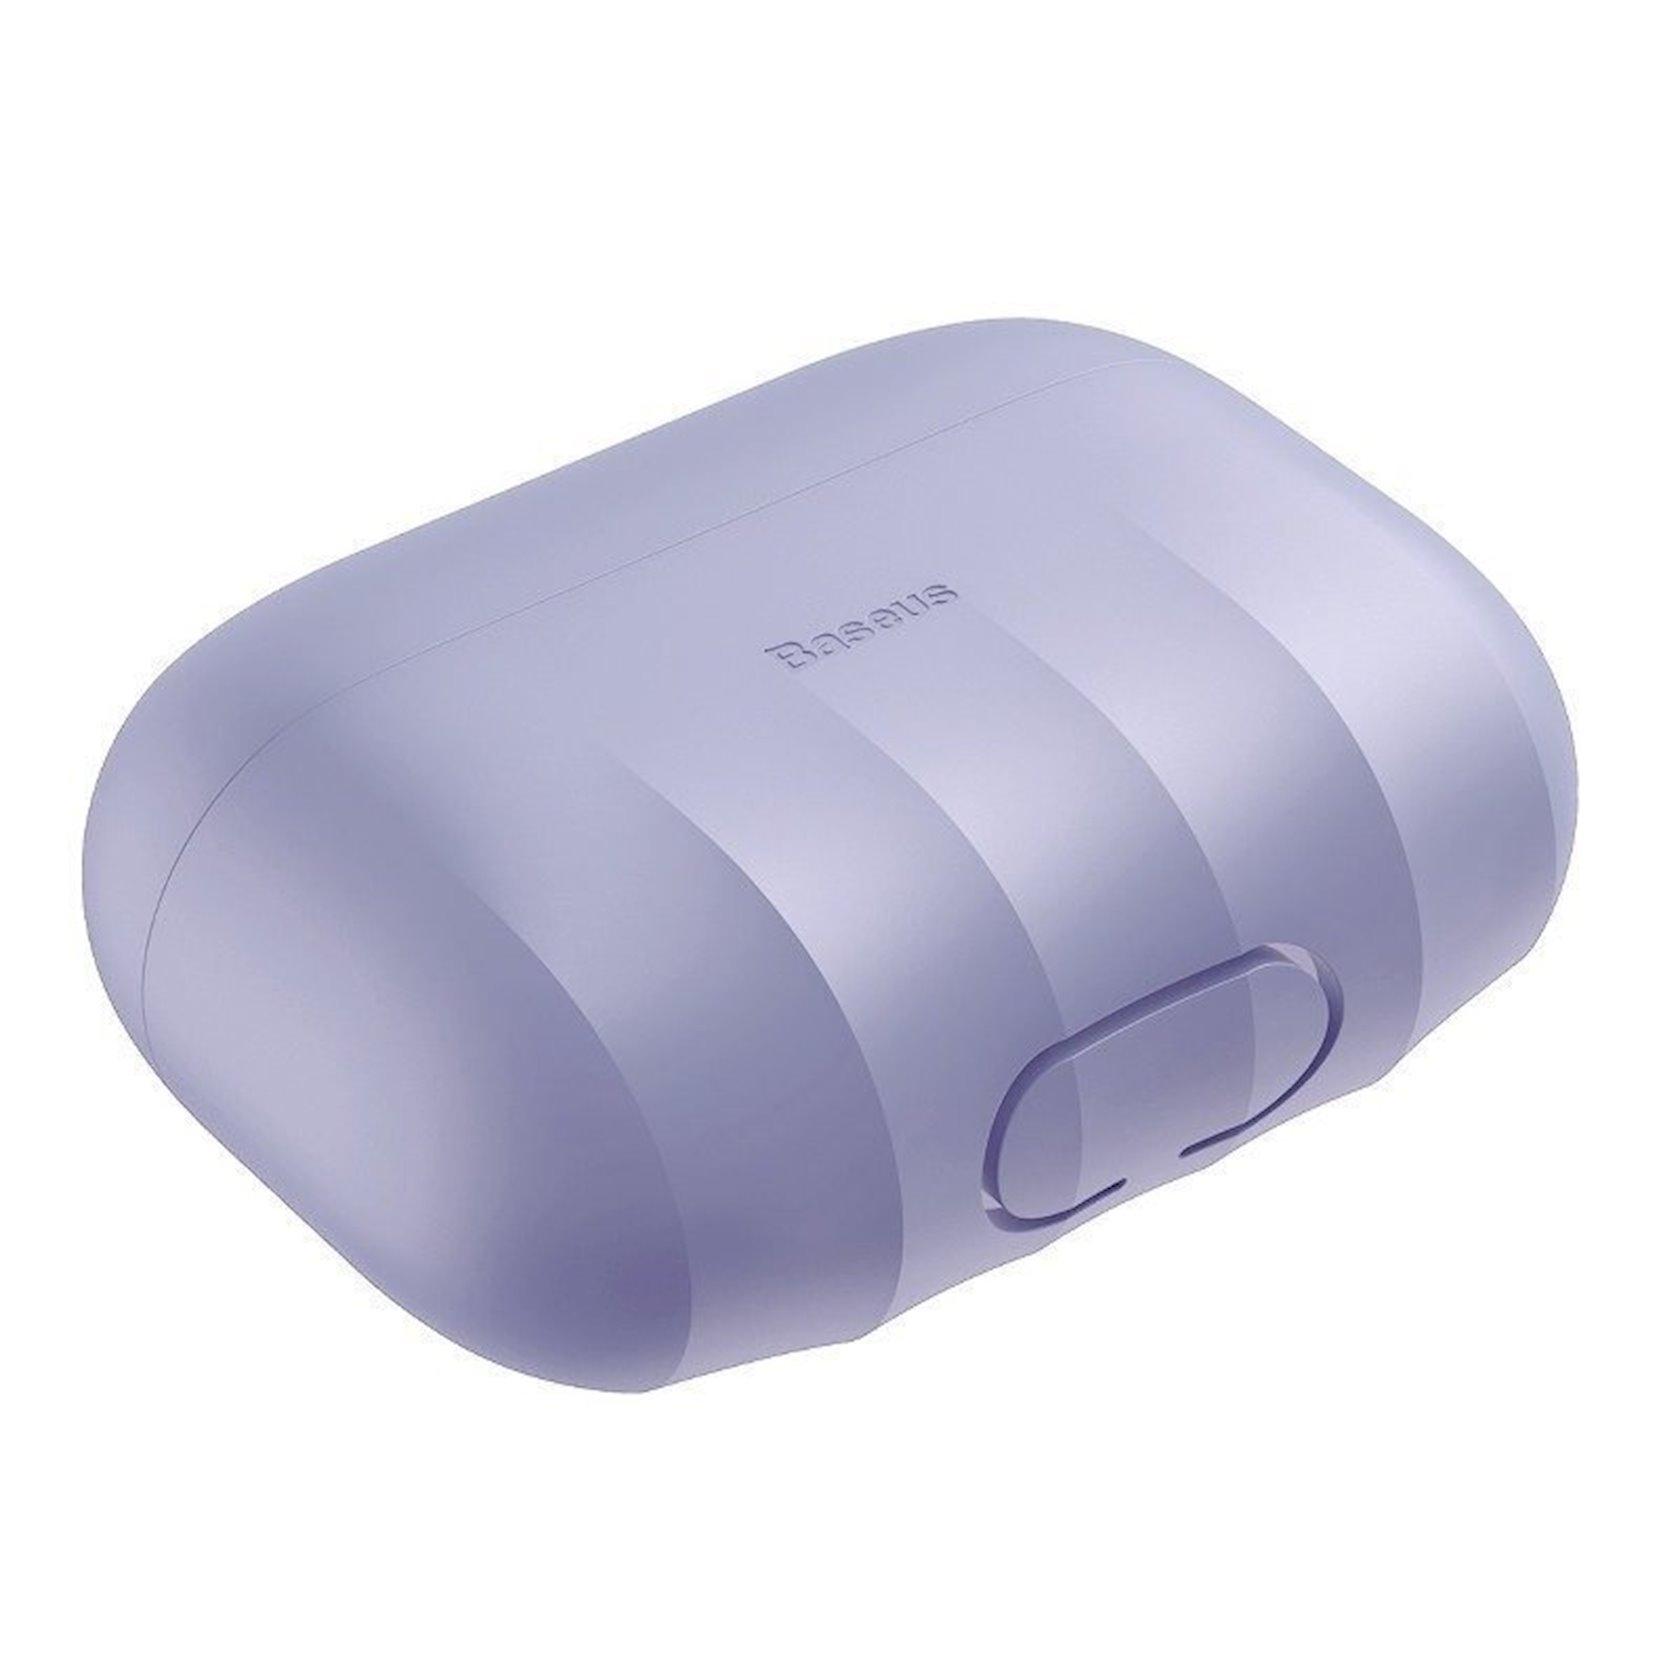 Çexol qulaqlıqlar üçün Baseus Shell Pattern Purple Apple Airpods Pro